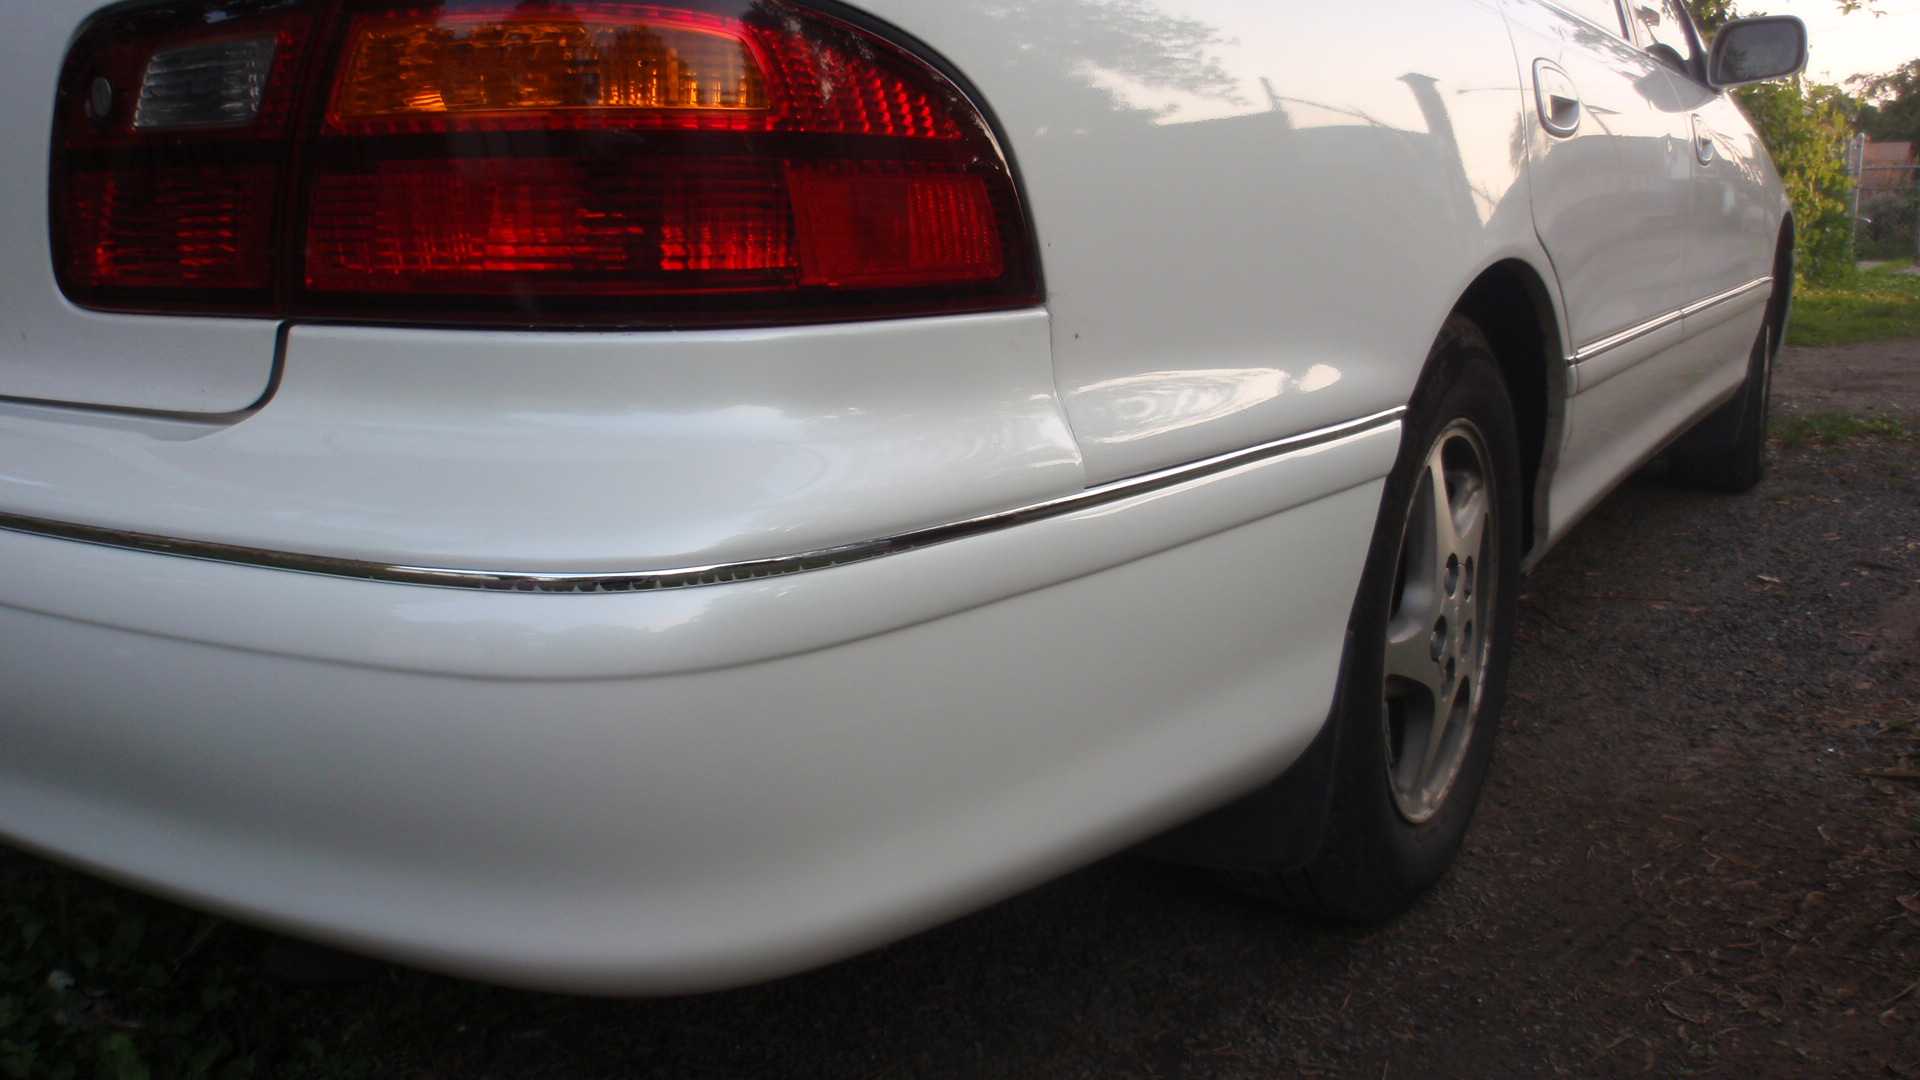 Ogłoszenie darmowe. Lokalizacja:  Wilmington,Delaware. ARCHIWALNE - Wszystkie. Sprzedam Toyota Avalon,rok 1998,stan bardzo.